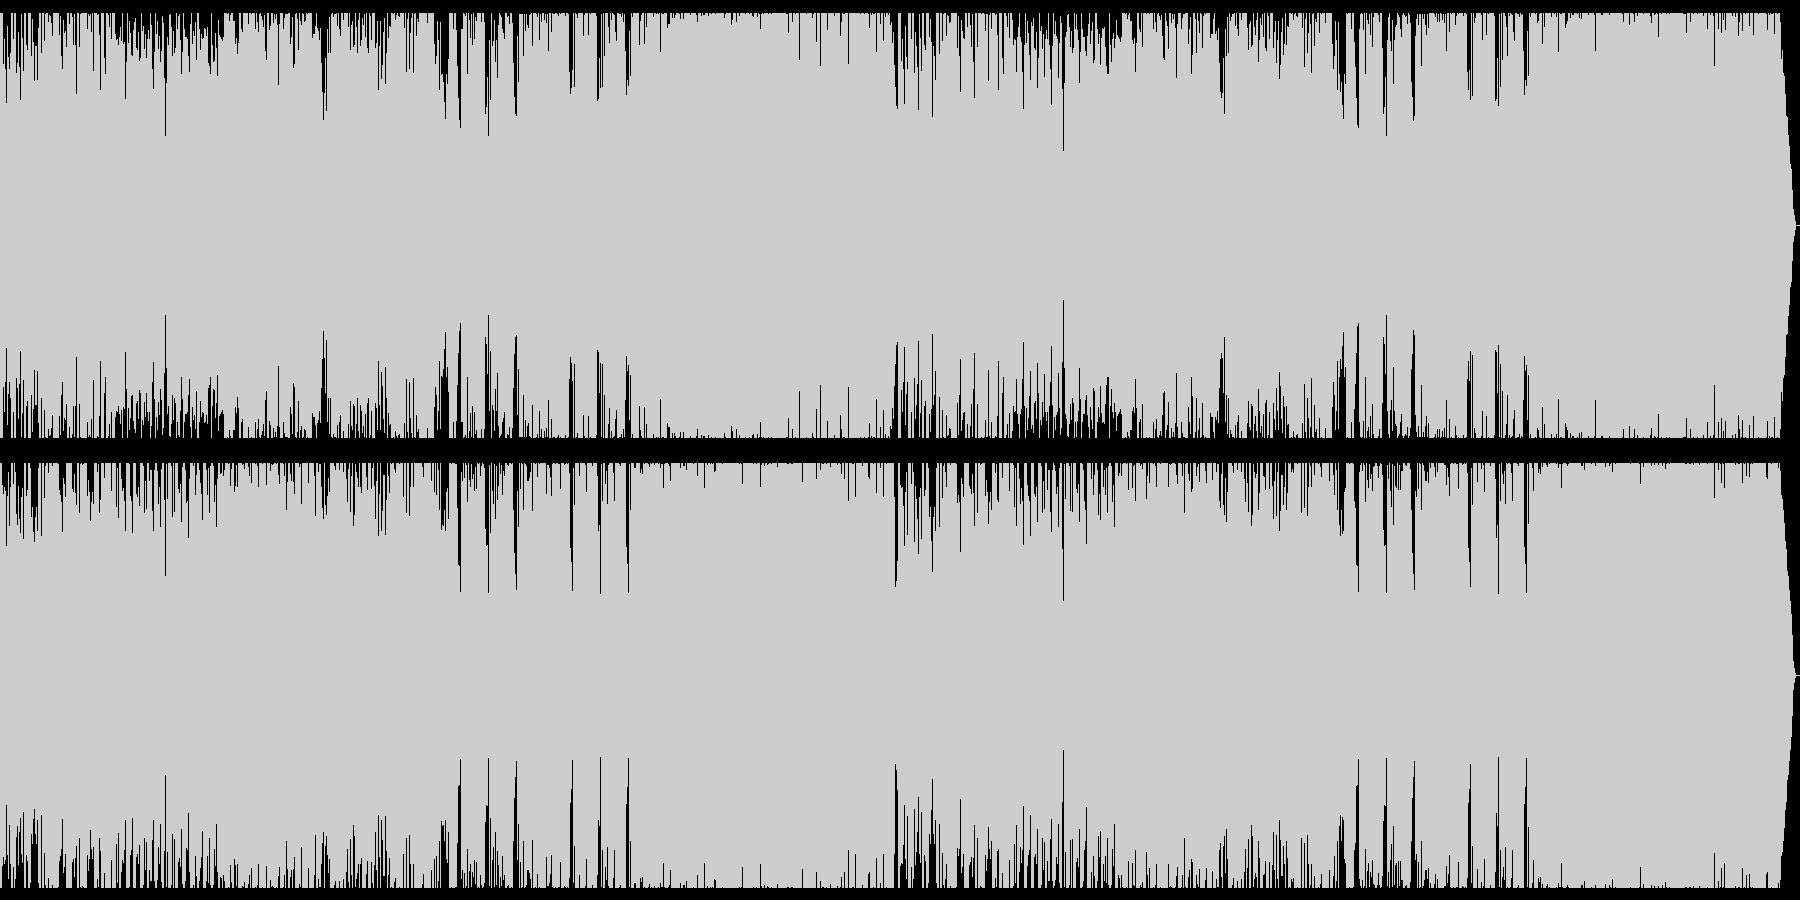 和風+オーケストラ+EDMの未再生の波形